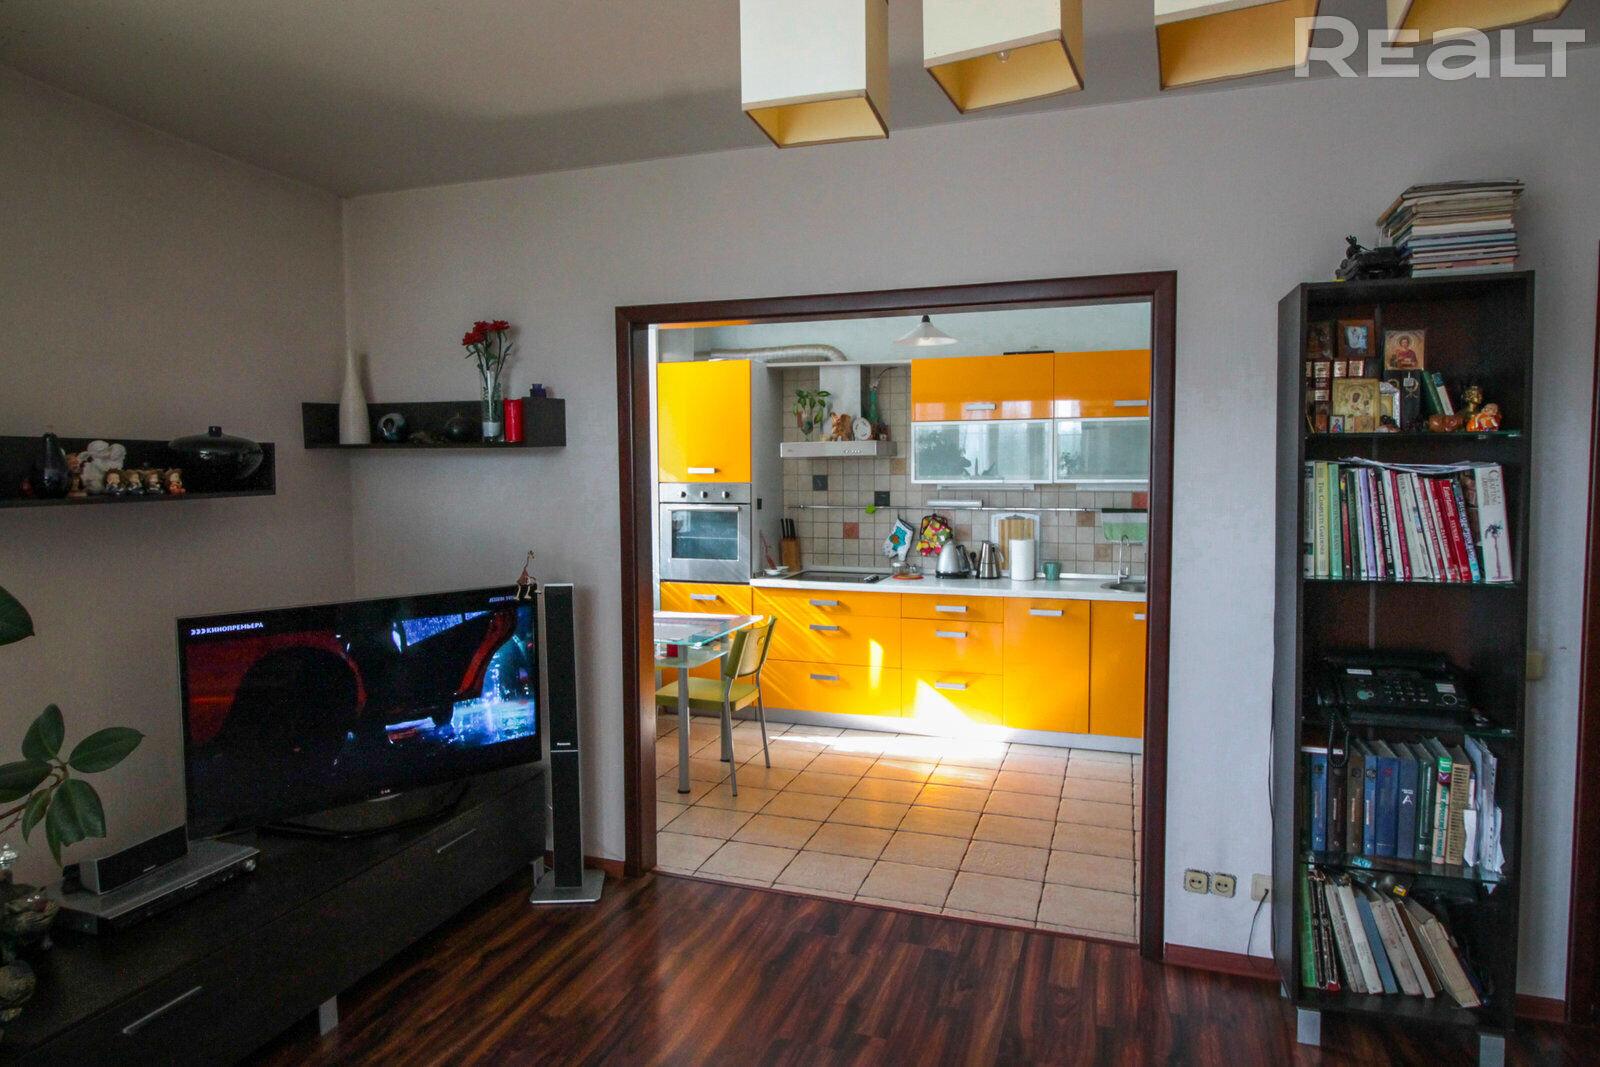 Продажа 3-х комнатной квартиры в г. Минске, ул. Немига, дом 42 (р-н Немига, Короля, Клары Цеткин). Цена 438 025 руб